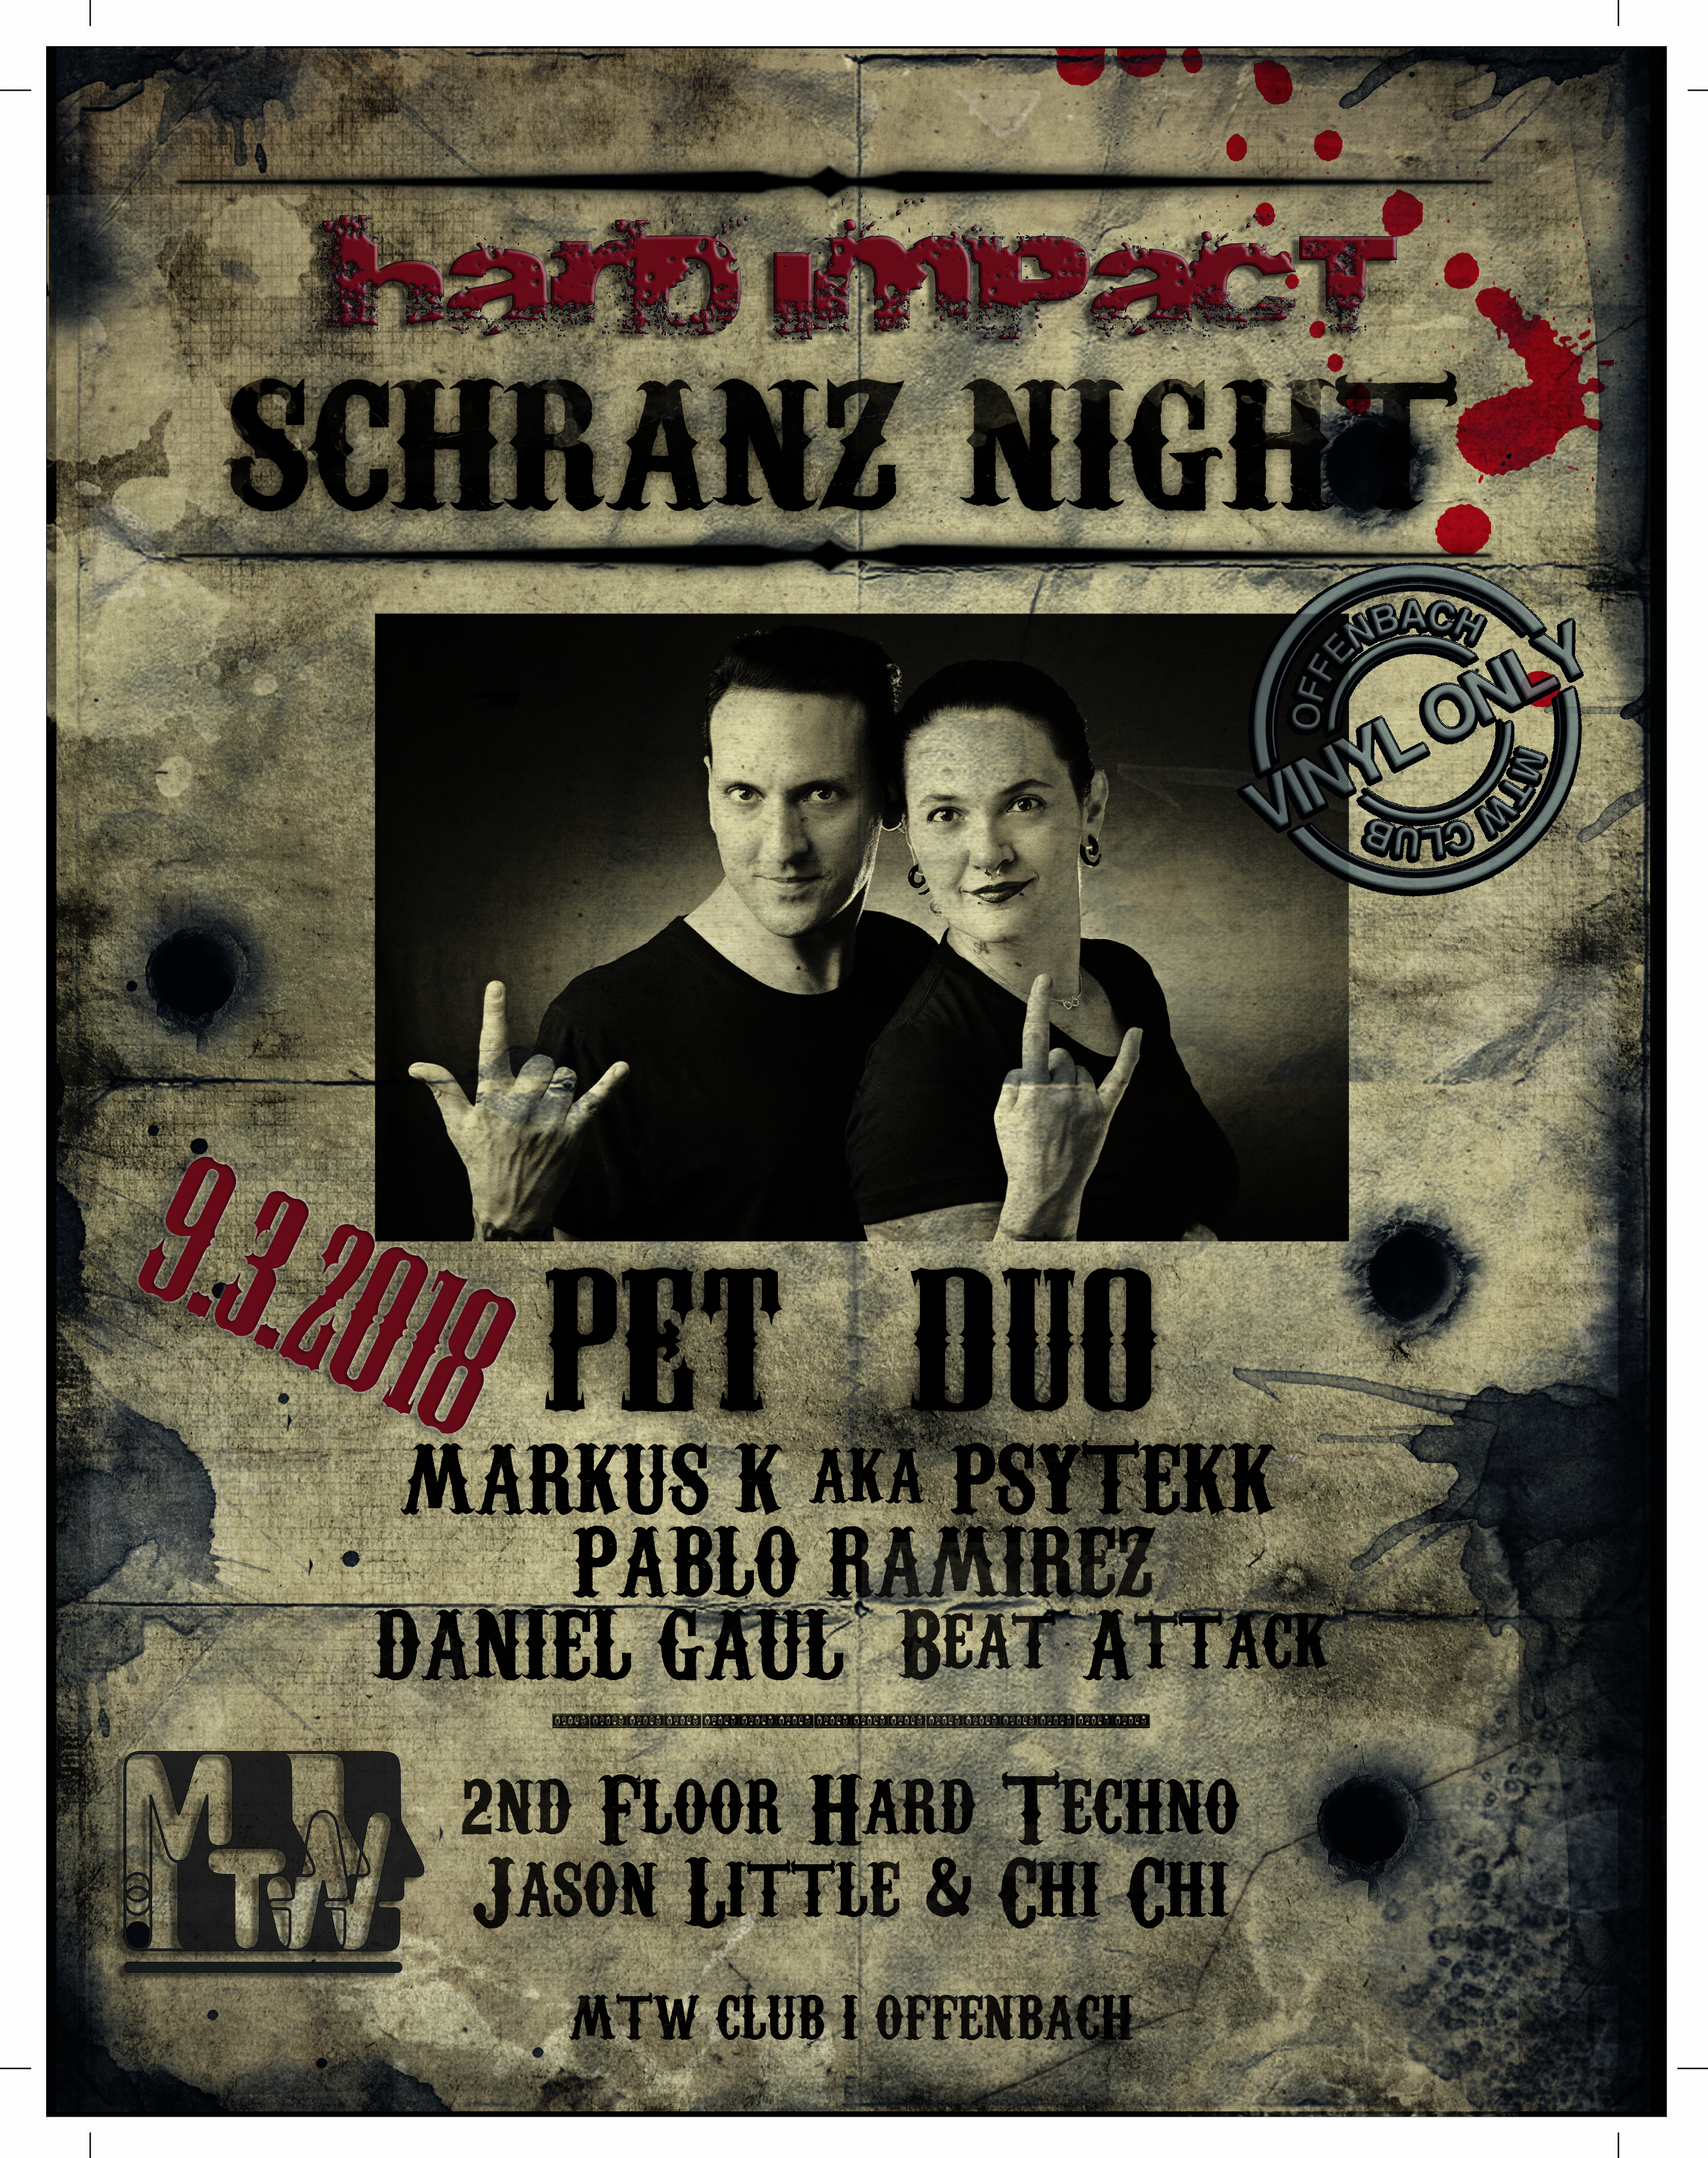 Hard Impact Schranz Night mit Pet Duo